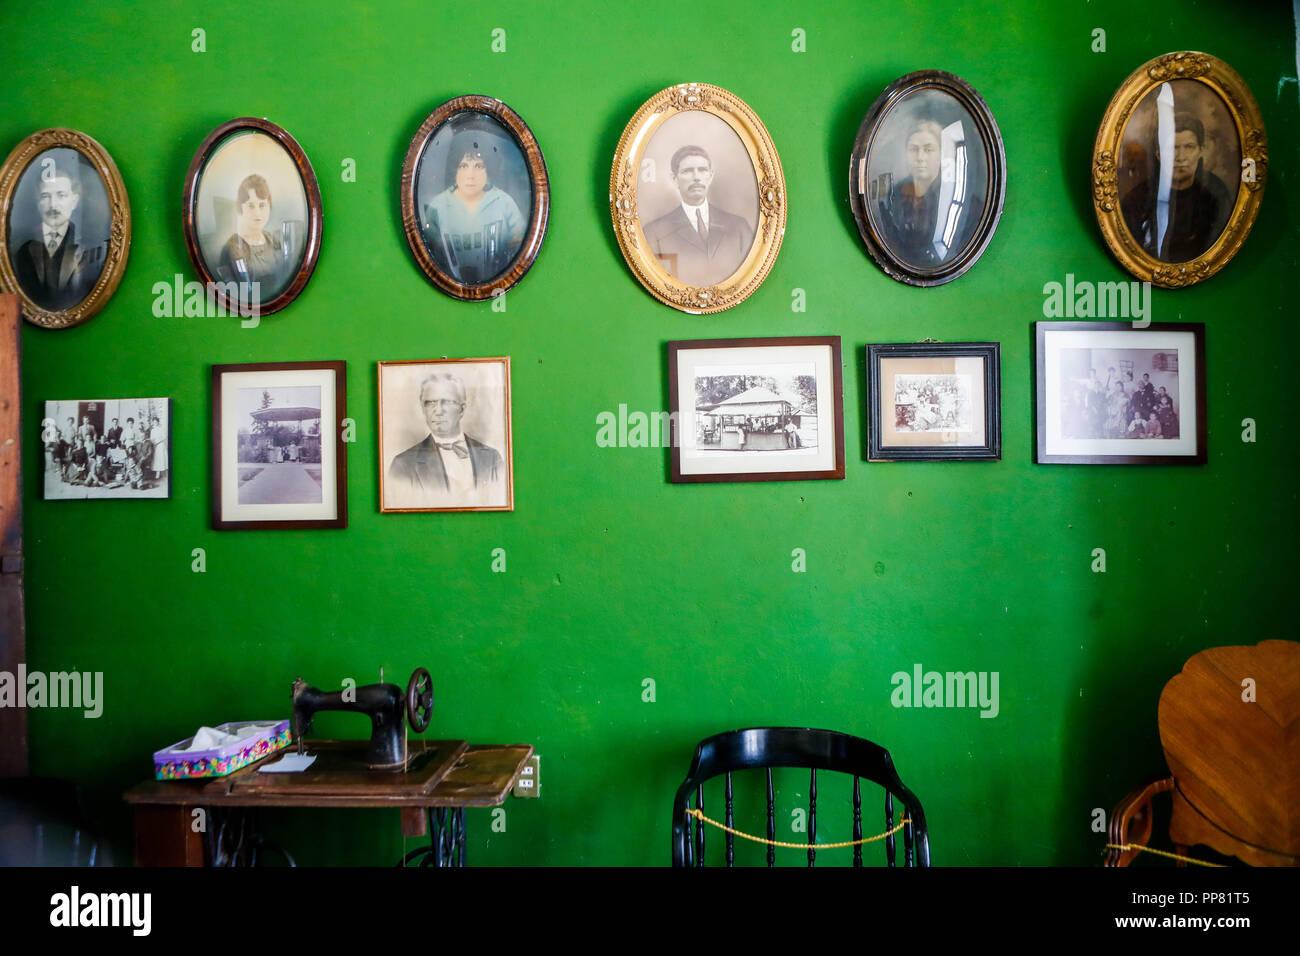 Las imágenes en la pared, la pared, la pared verde, imágenes, ondulado, cocinar, máquina de fotografías antiguas. Ures museo regional en el estado de Sonora, México. Museo r Imagen De Stock